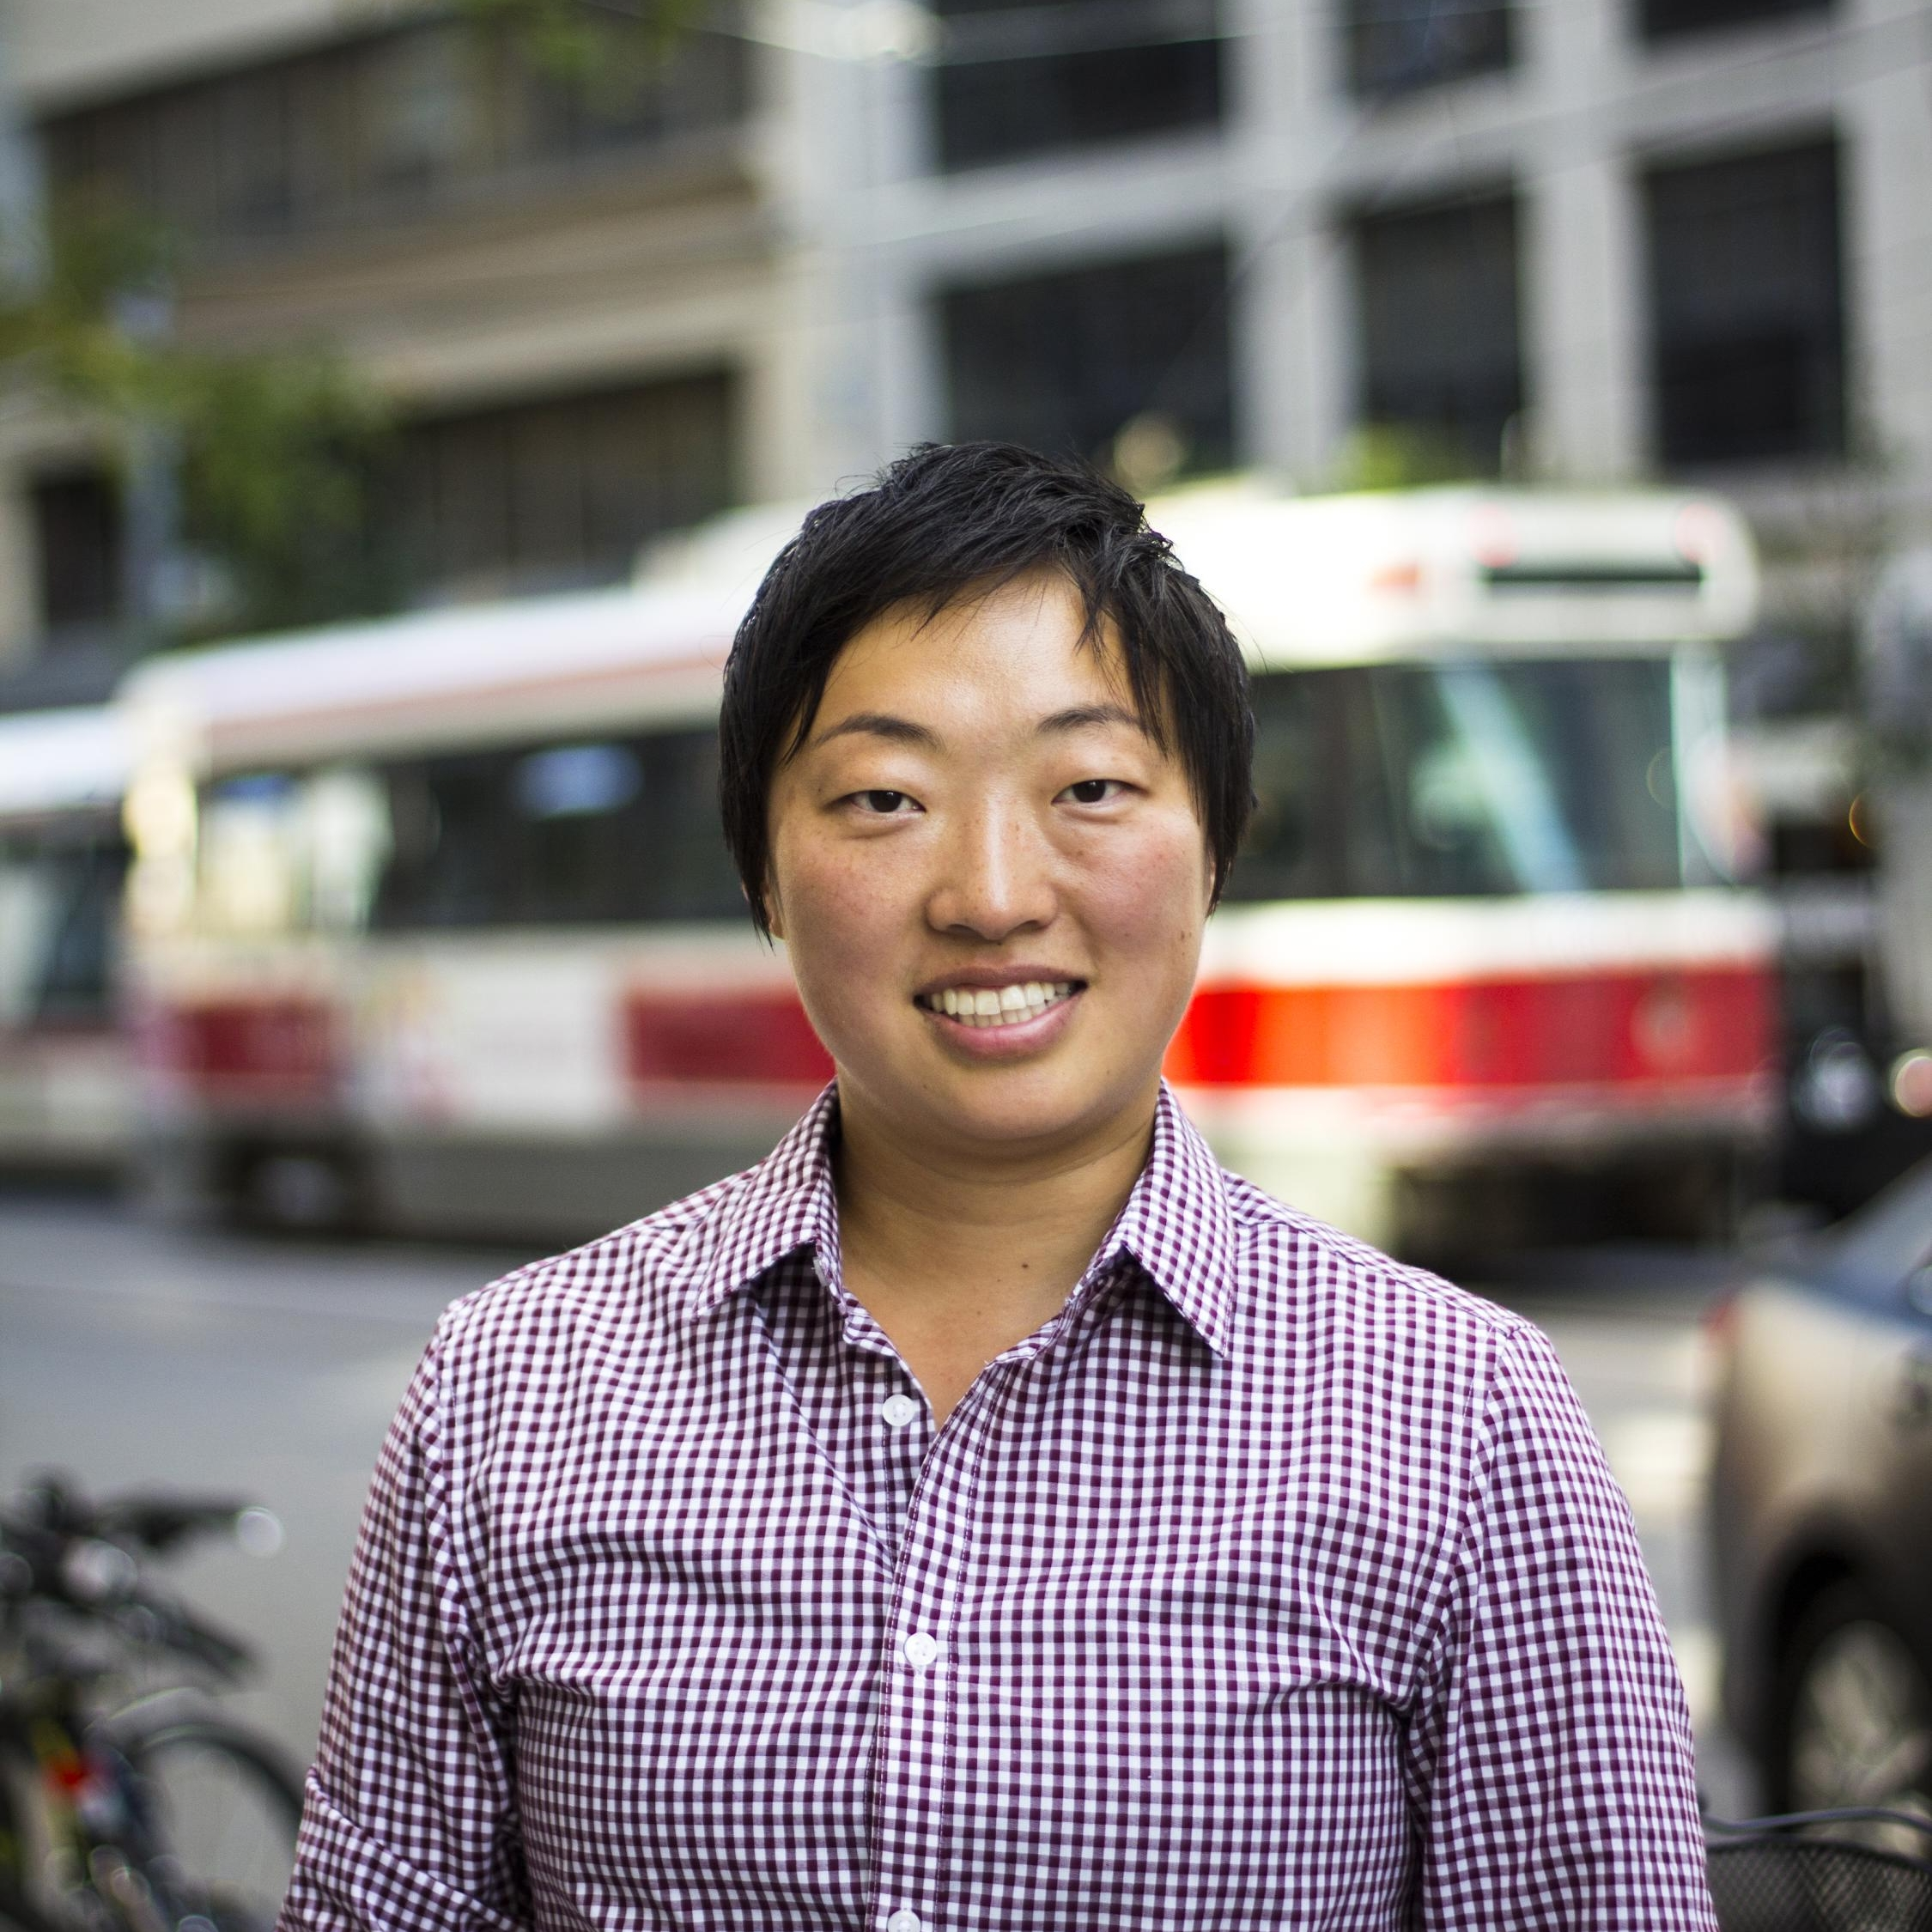 Tania Liu